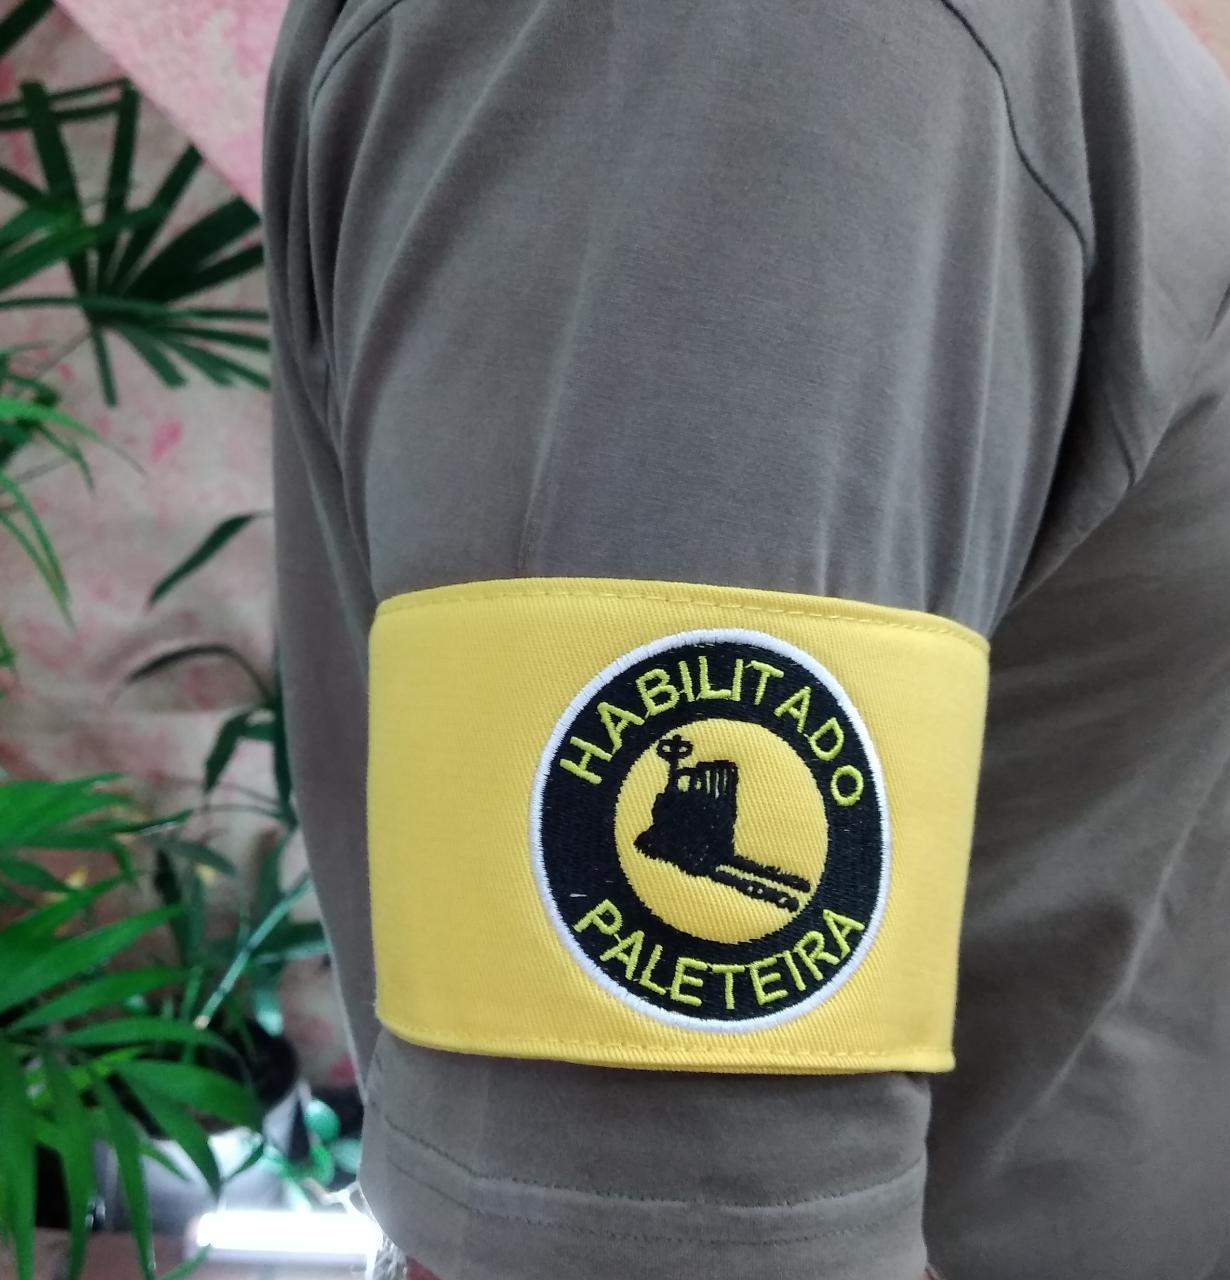 Braçadeira Habilitado Paleteira - Bordada  - CONEXÃO EPI´S E UNIFORMES PROFISSIONAIS